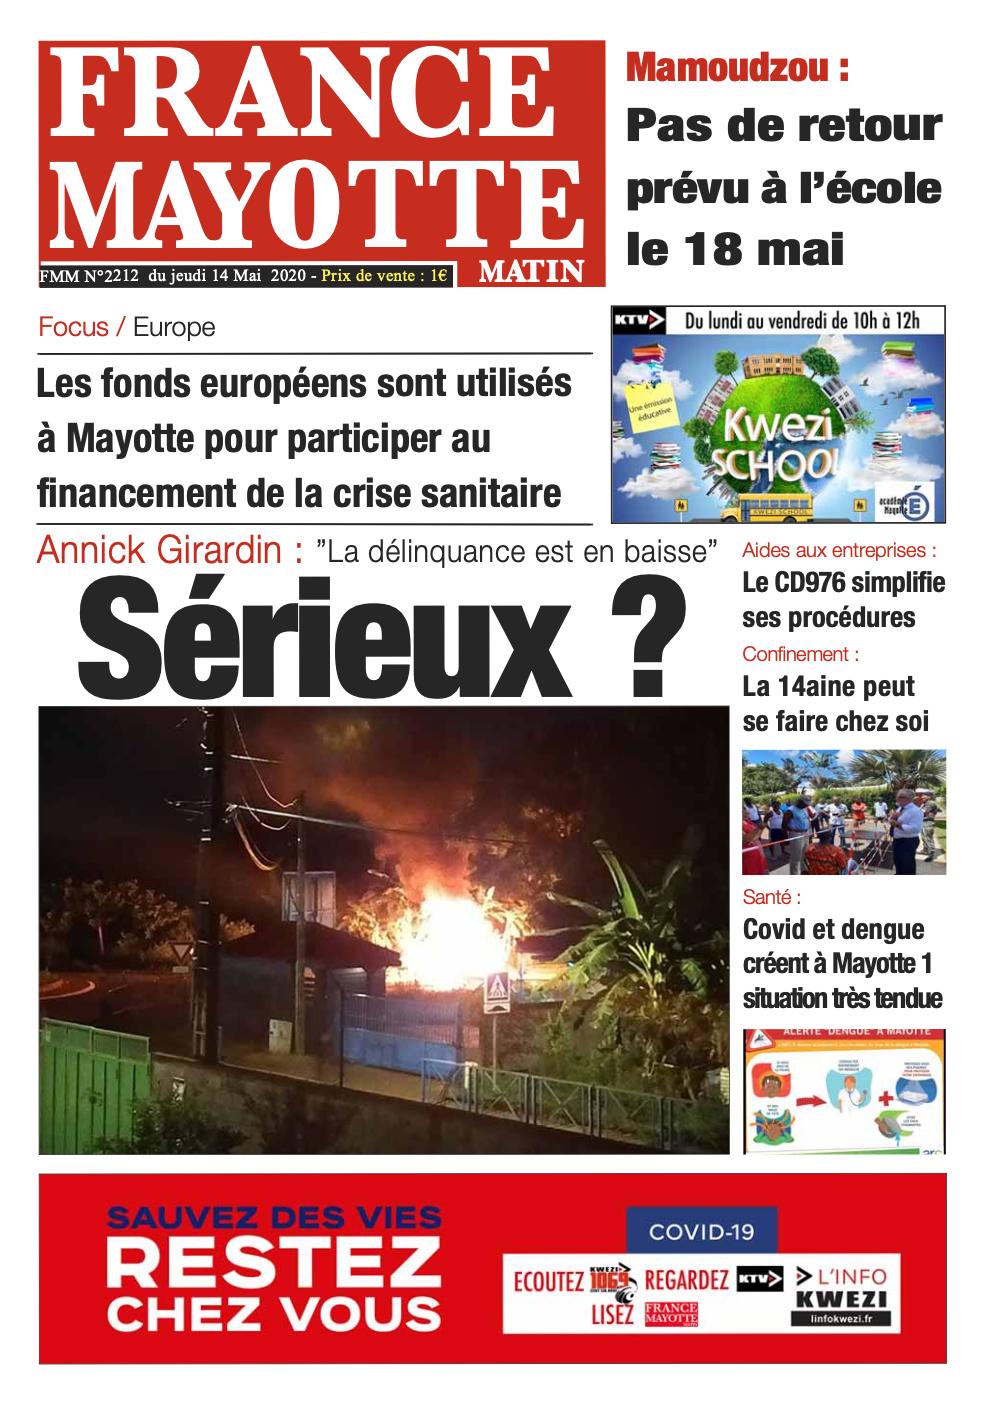 France Mayotte Lundi 18 mai 2020